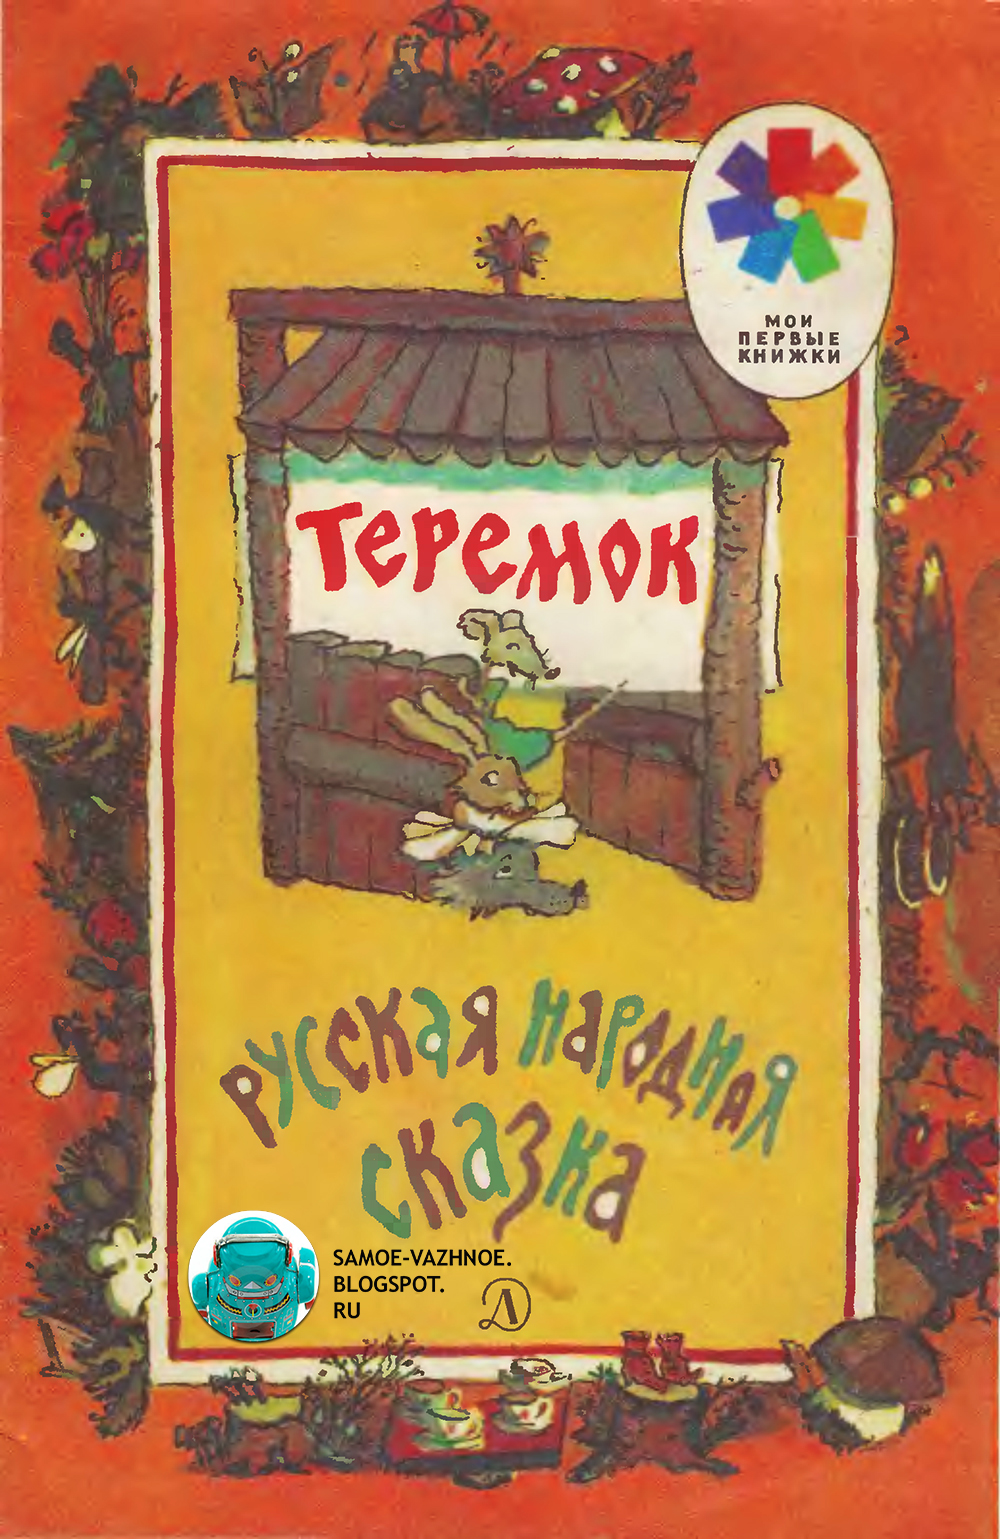 Теремок детская книга обложка СССР советская, русская народная сказка